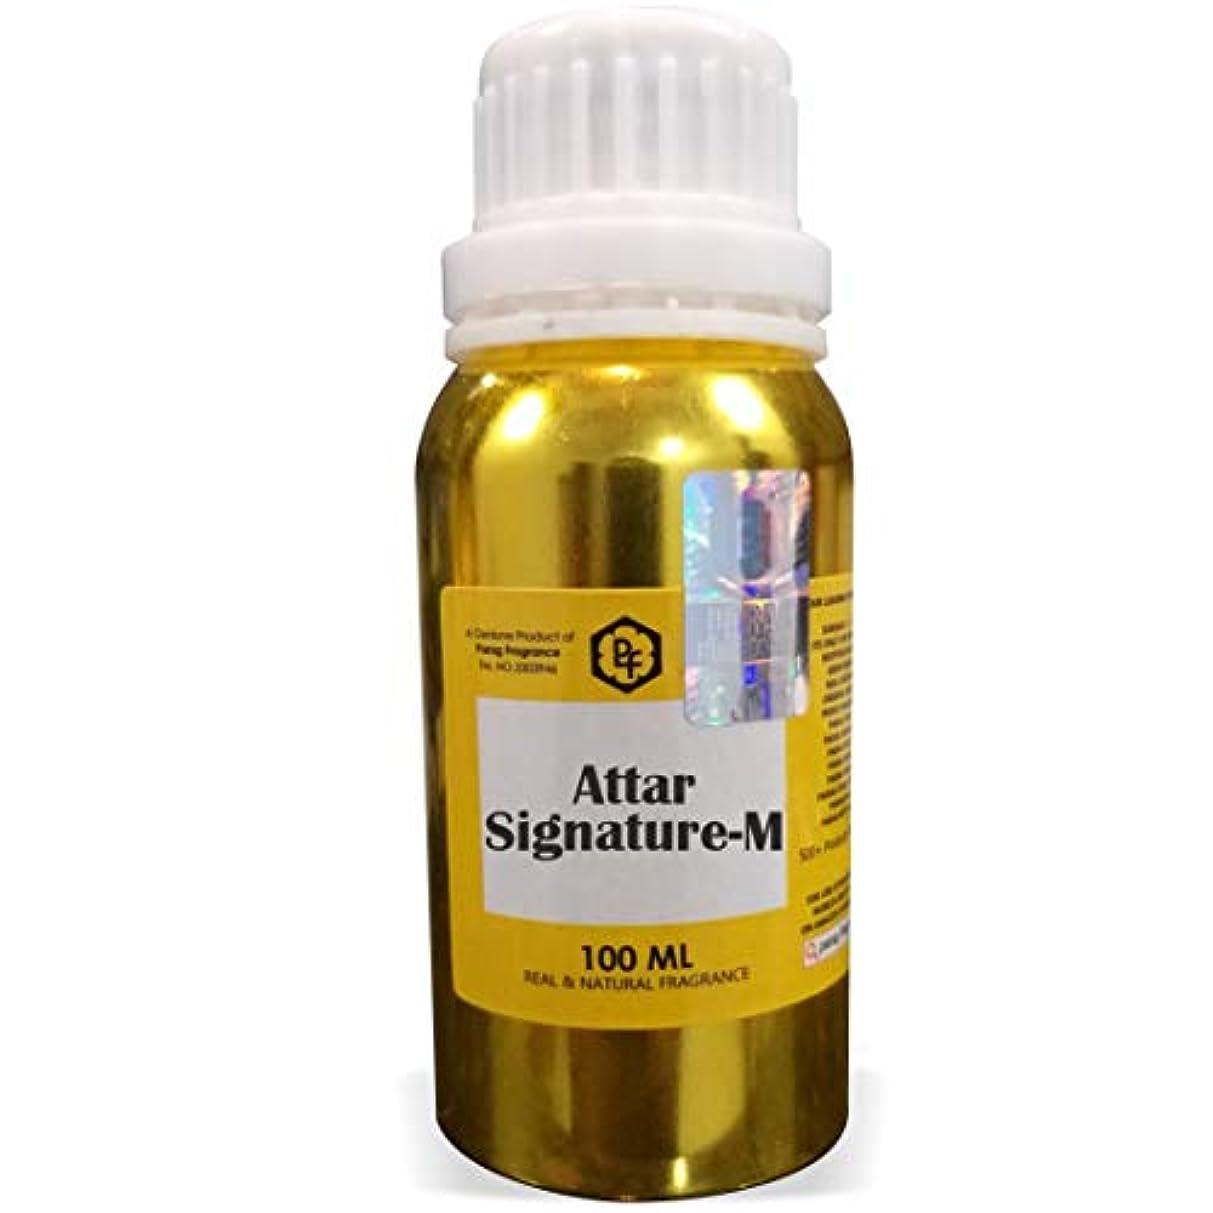 アスレチック鎮痛剤再発するParagフレグランス署名-Mアター100ミリリットル(男性用アルコールフリーアター)香油  香り  ITRA